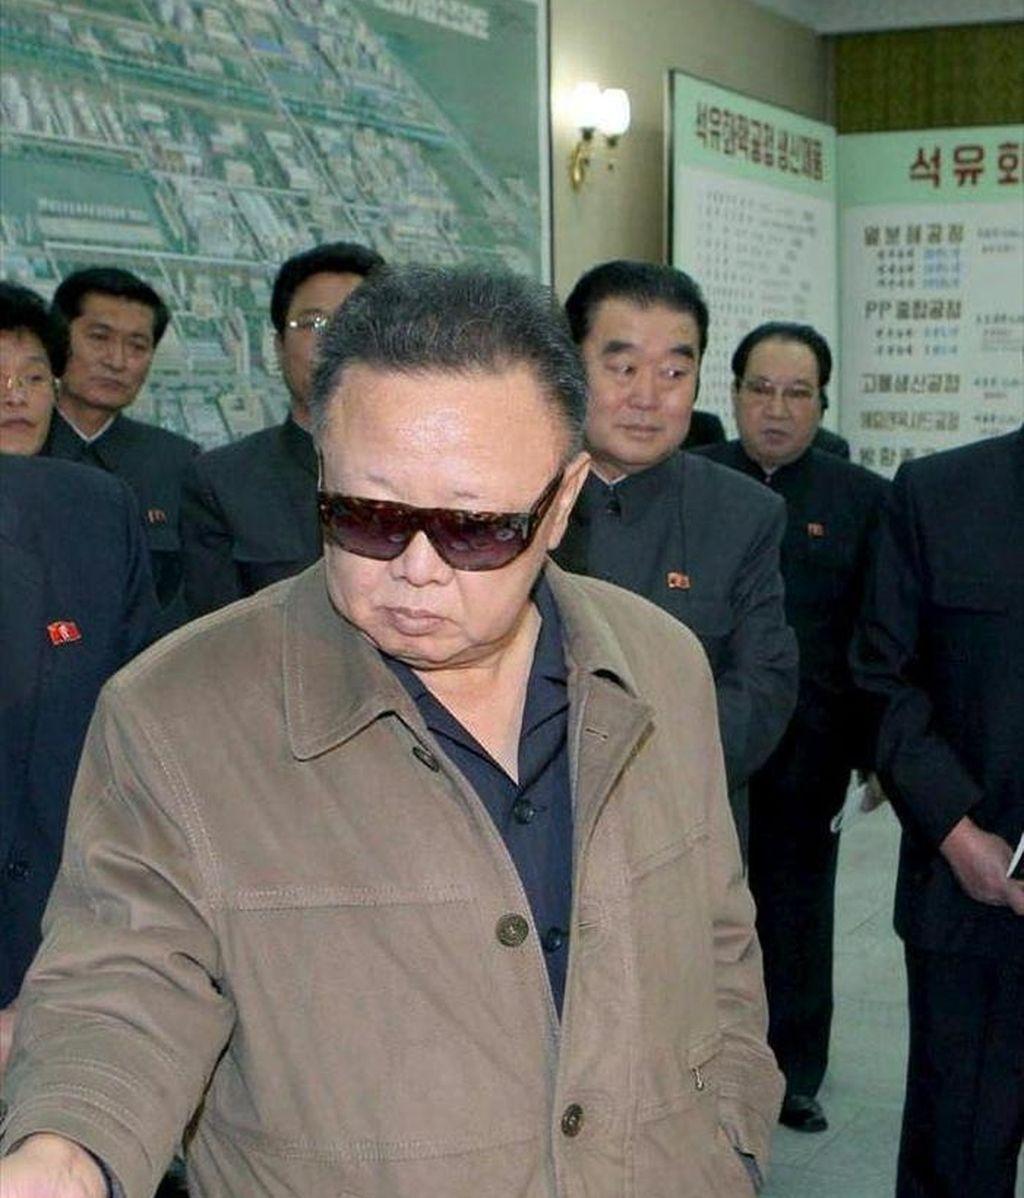 Fotografía sin fechar facilitada por la Agencia Central de Noticias Norcoreana que muestra al líder norcoreano, Kim Jong-il, durante su visita a la planta petroquímica Namheung Youth en la provincia norcoreana de Pyongan Sur. Seúl invitará a Kim Jong-il a una cumbre si cierra su programa atómico. EFE/YNA